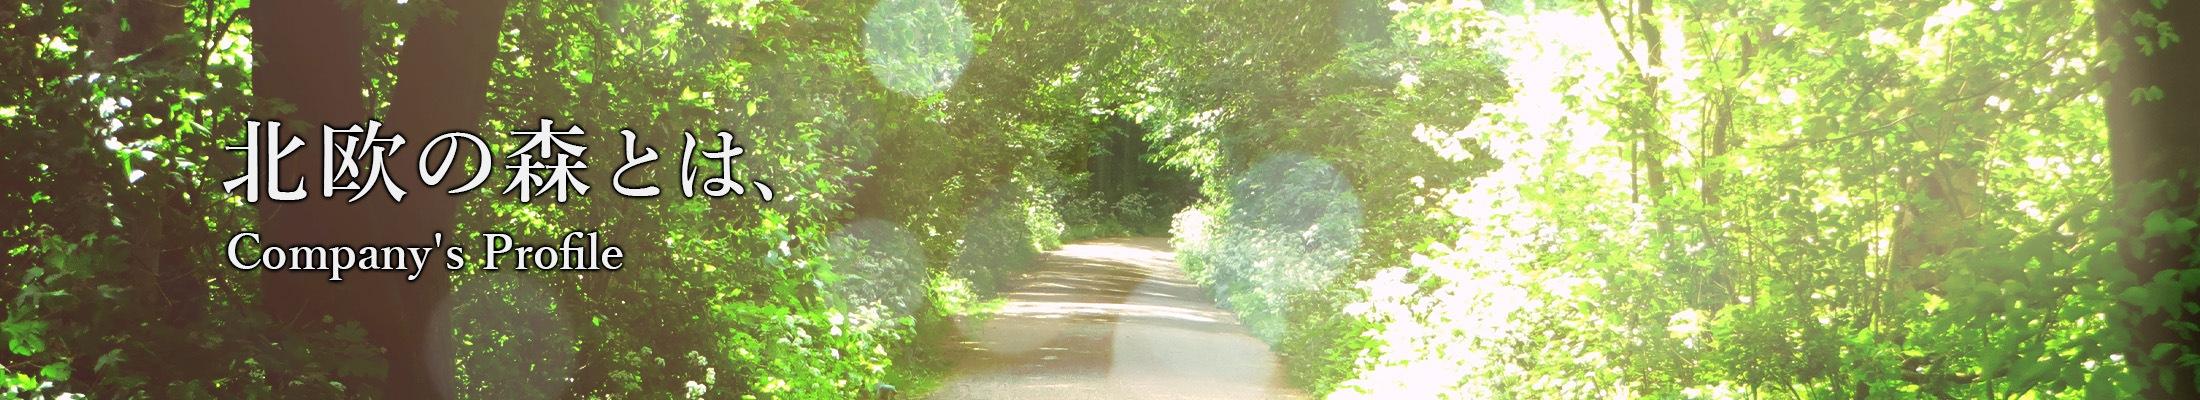 北欧の森とは(会社概要)